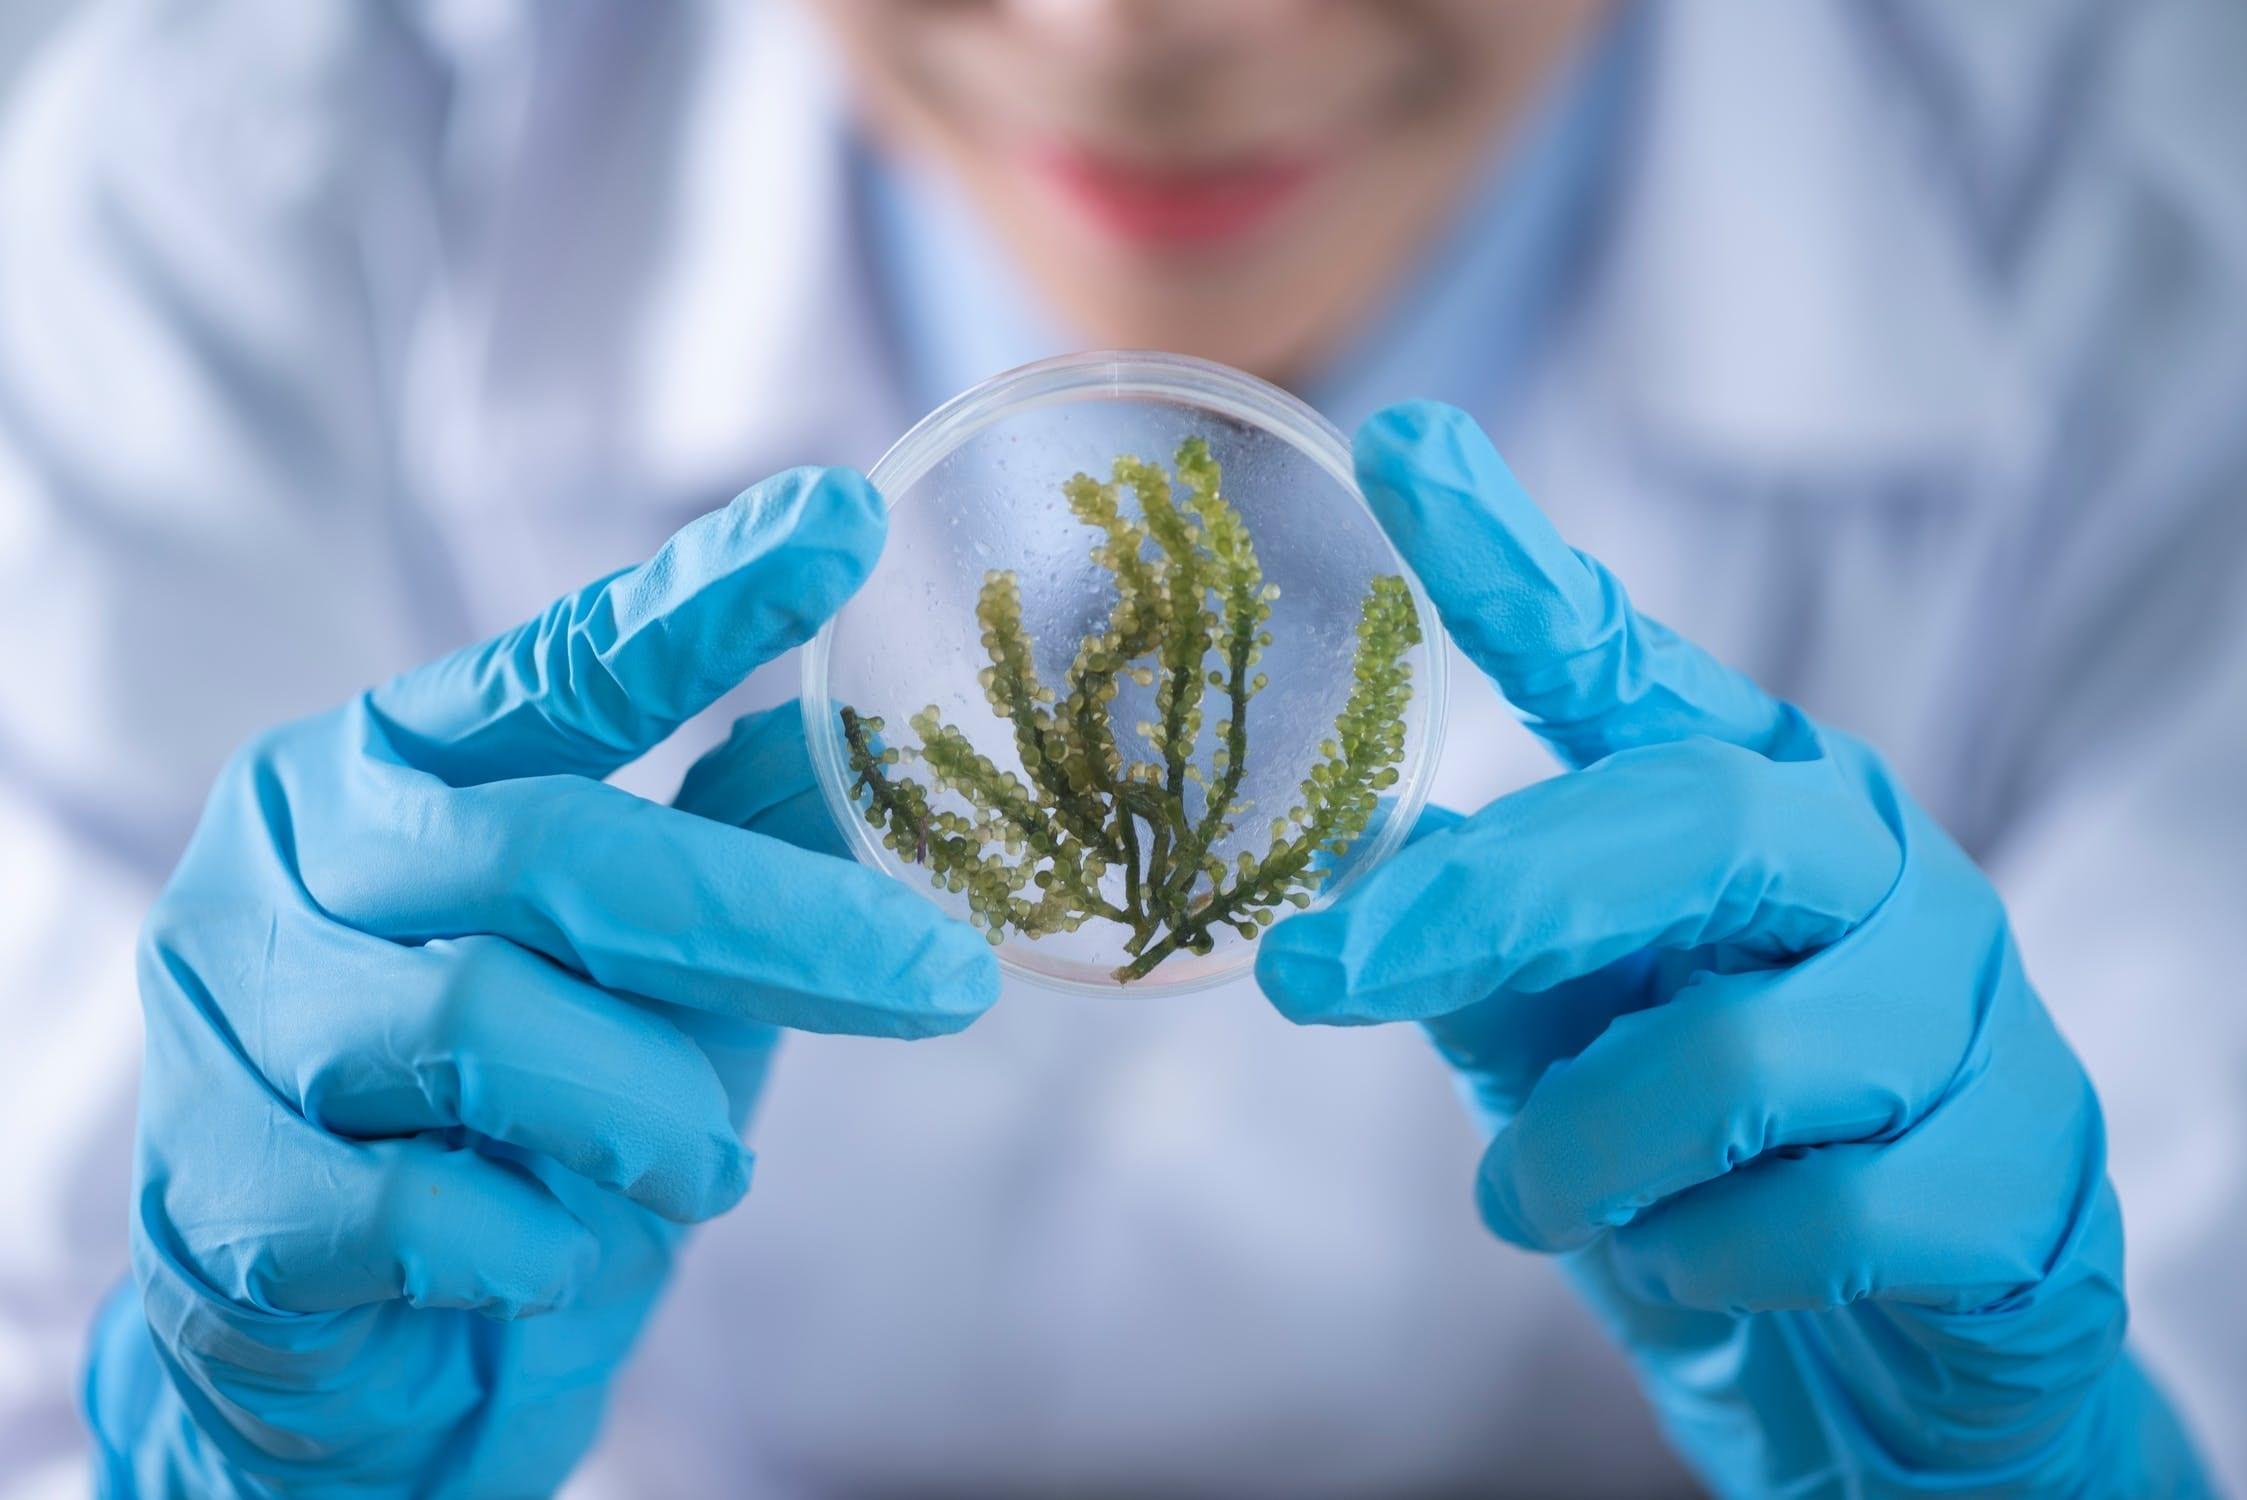 Covid 19, biodiversità ed equilibri naturali. Biologo tiene in mano campioni vegetali in sfera di vetro